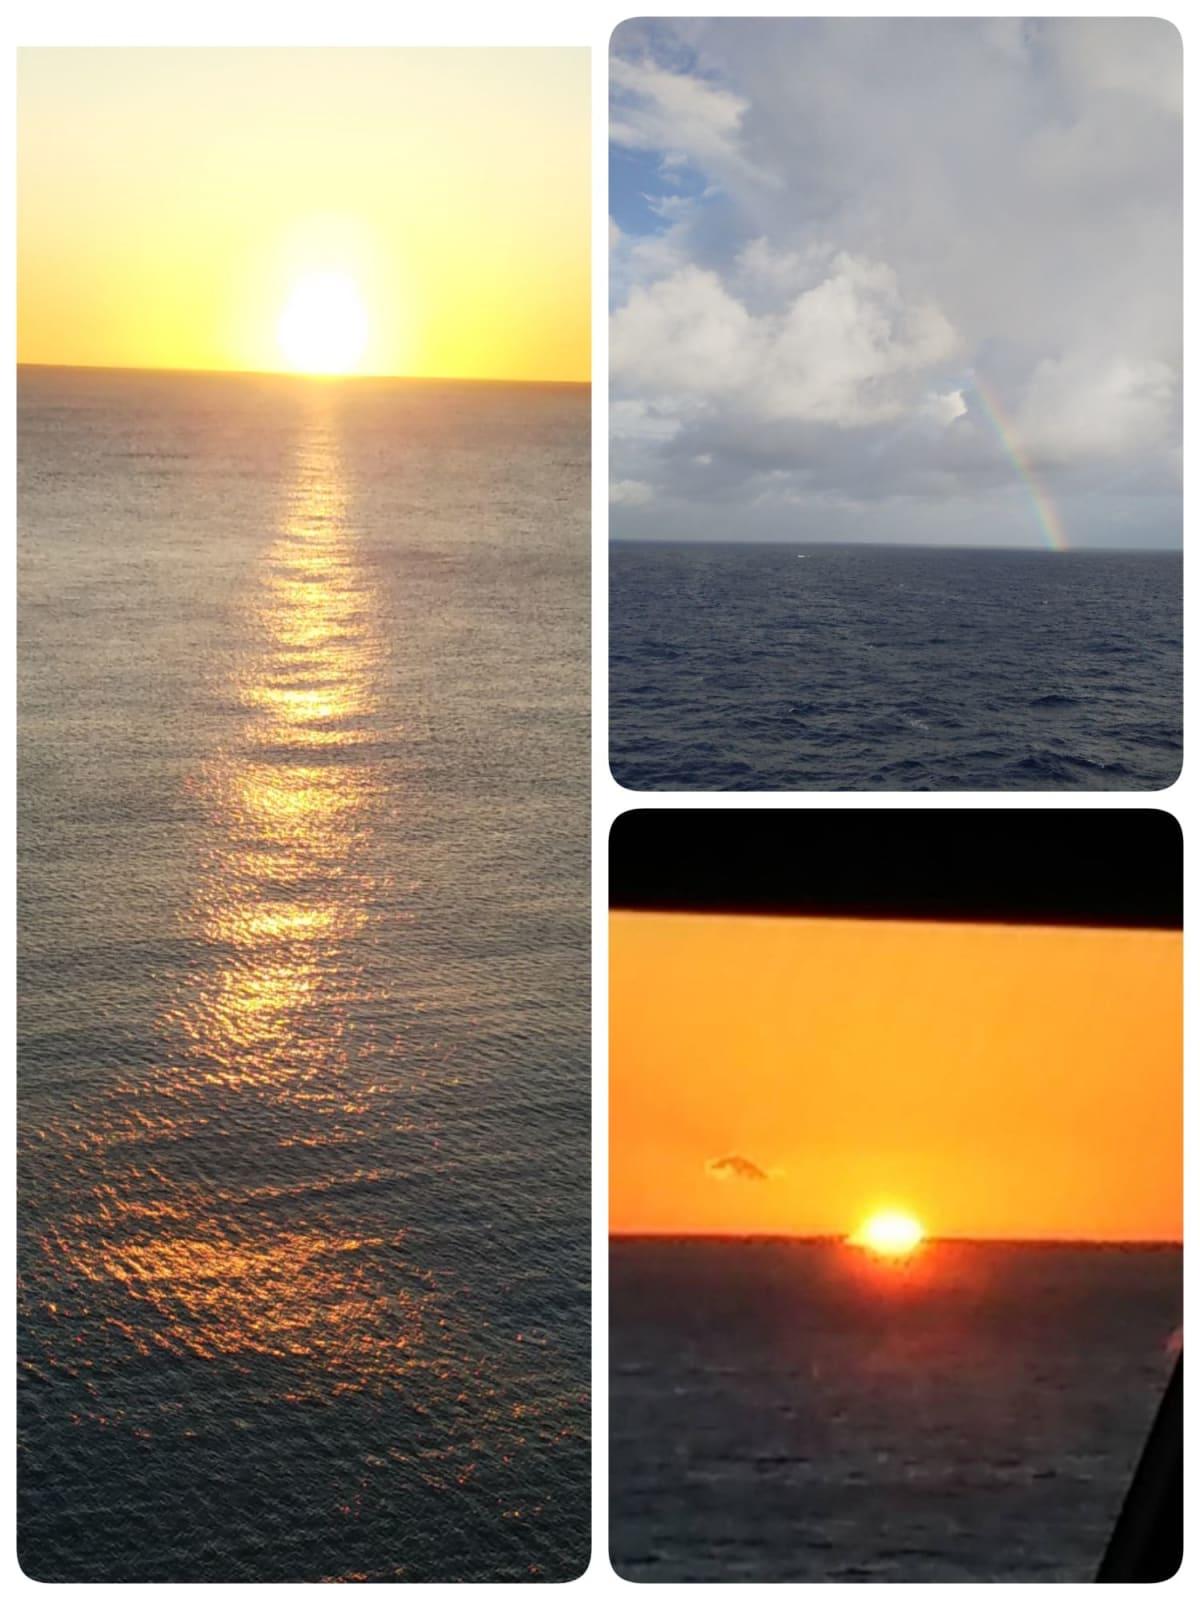 今回のクルーズ期間中に、日の出・日の入り・虹を数回見ることができた